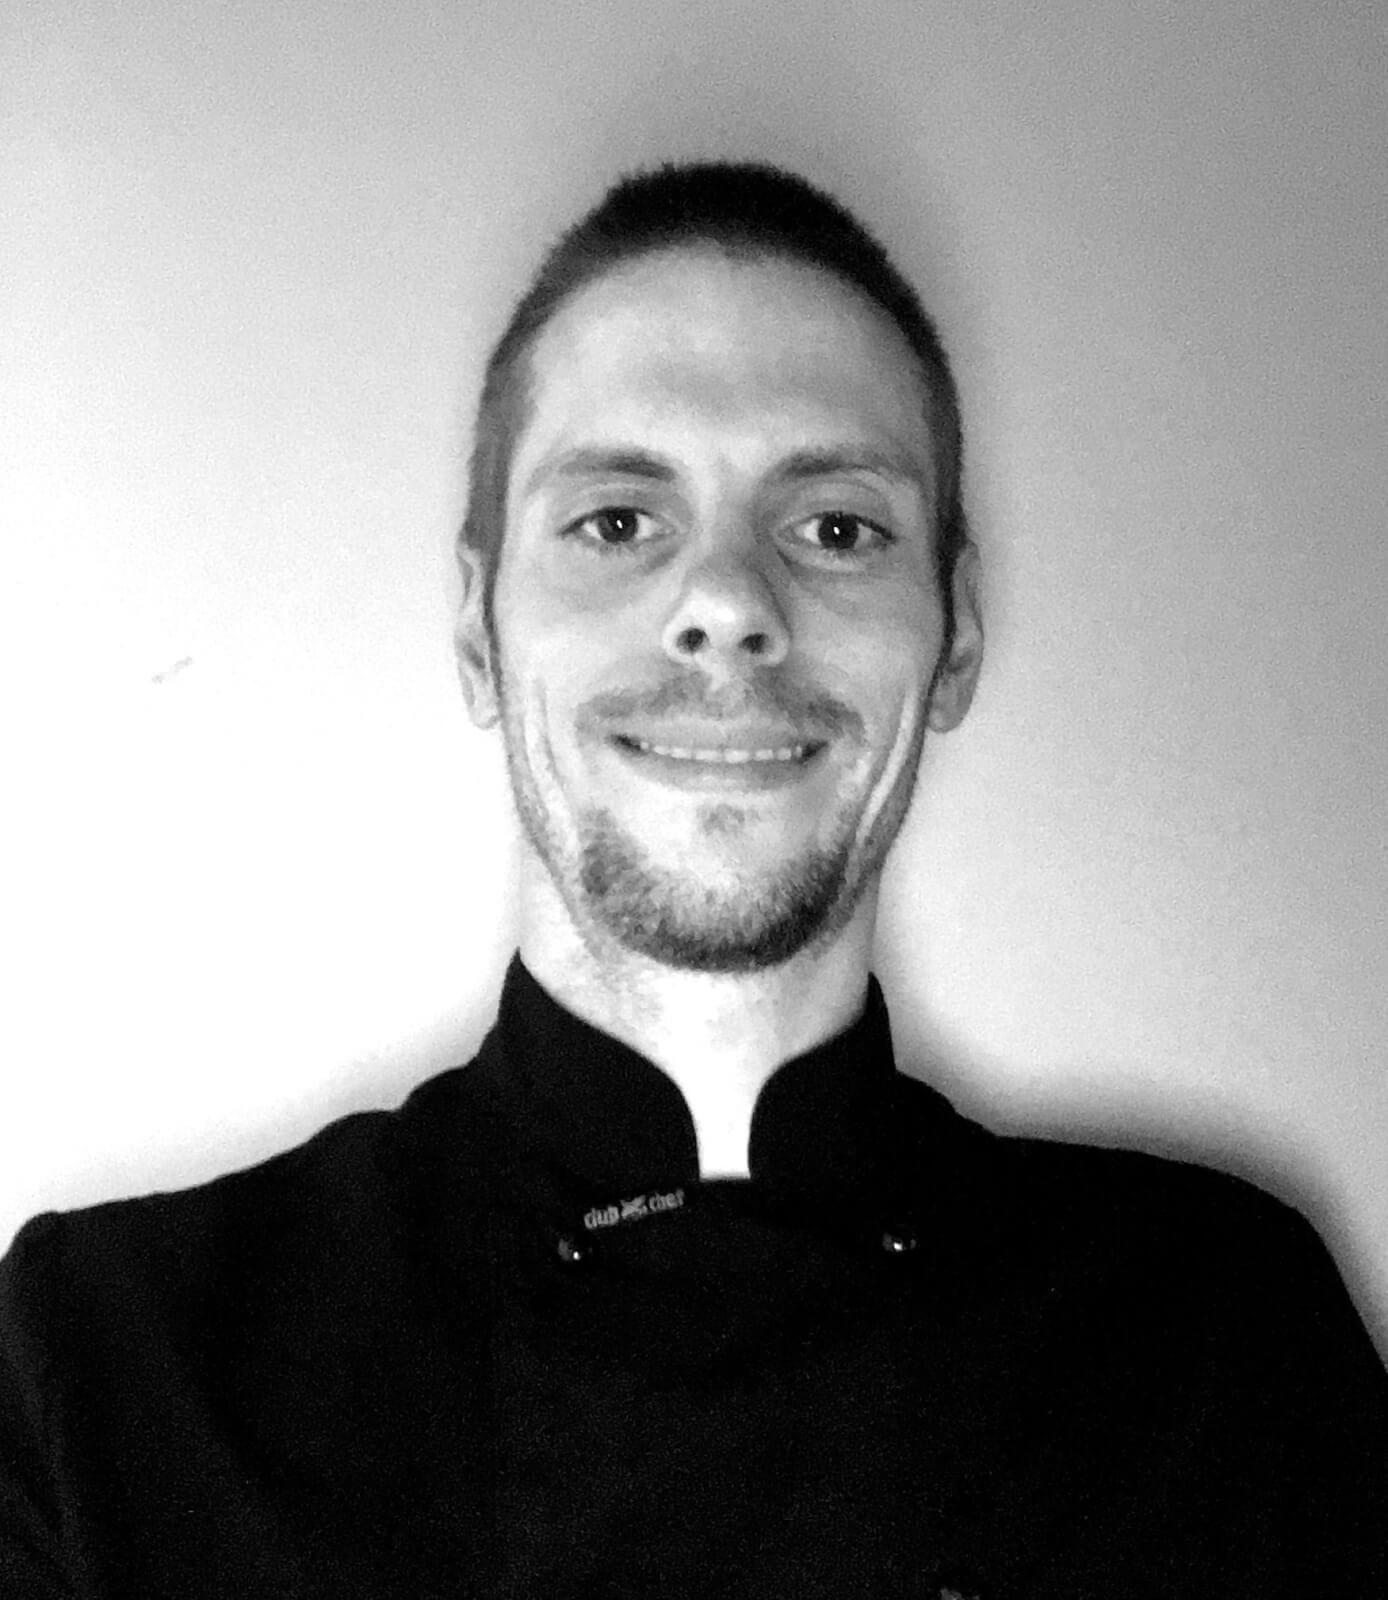 Personal Chef Thomas Rye